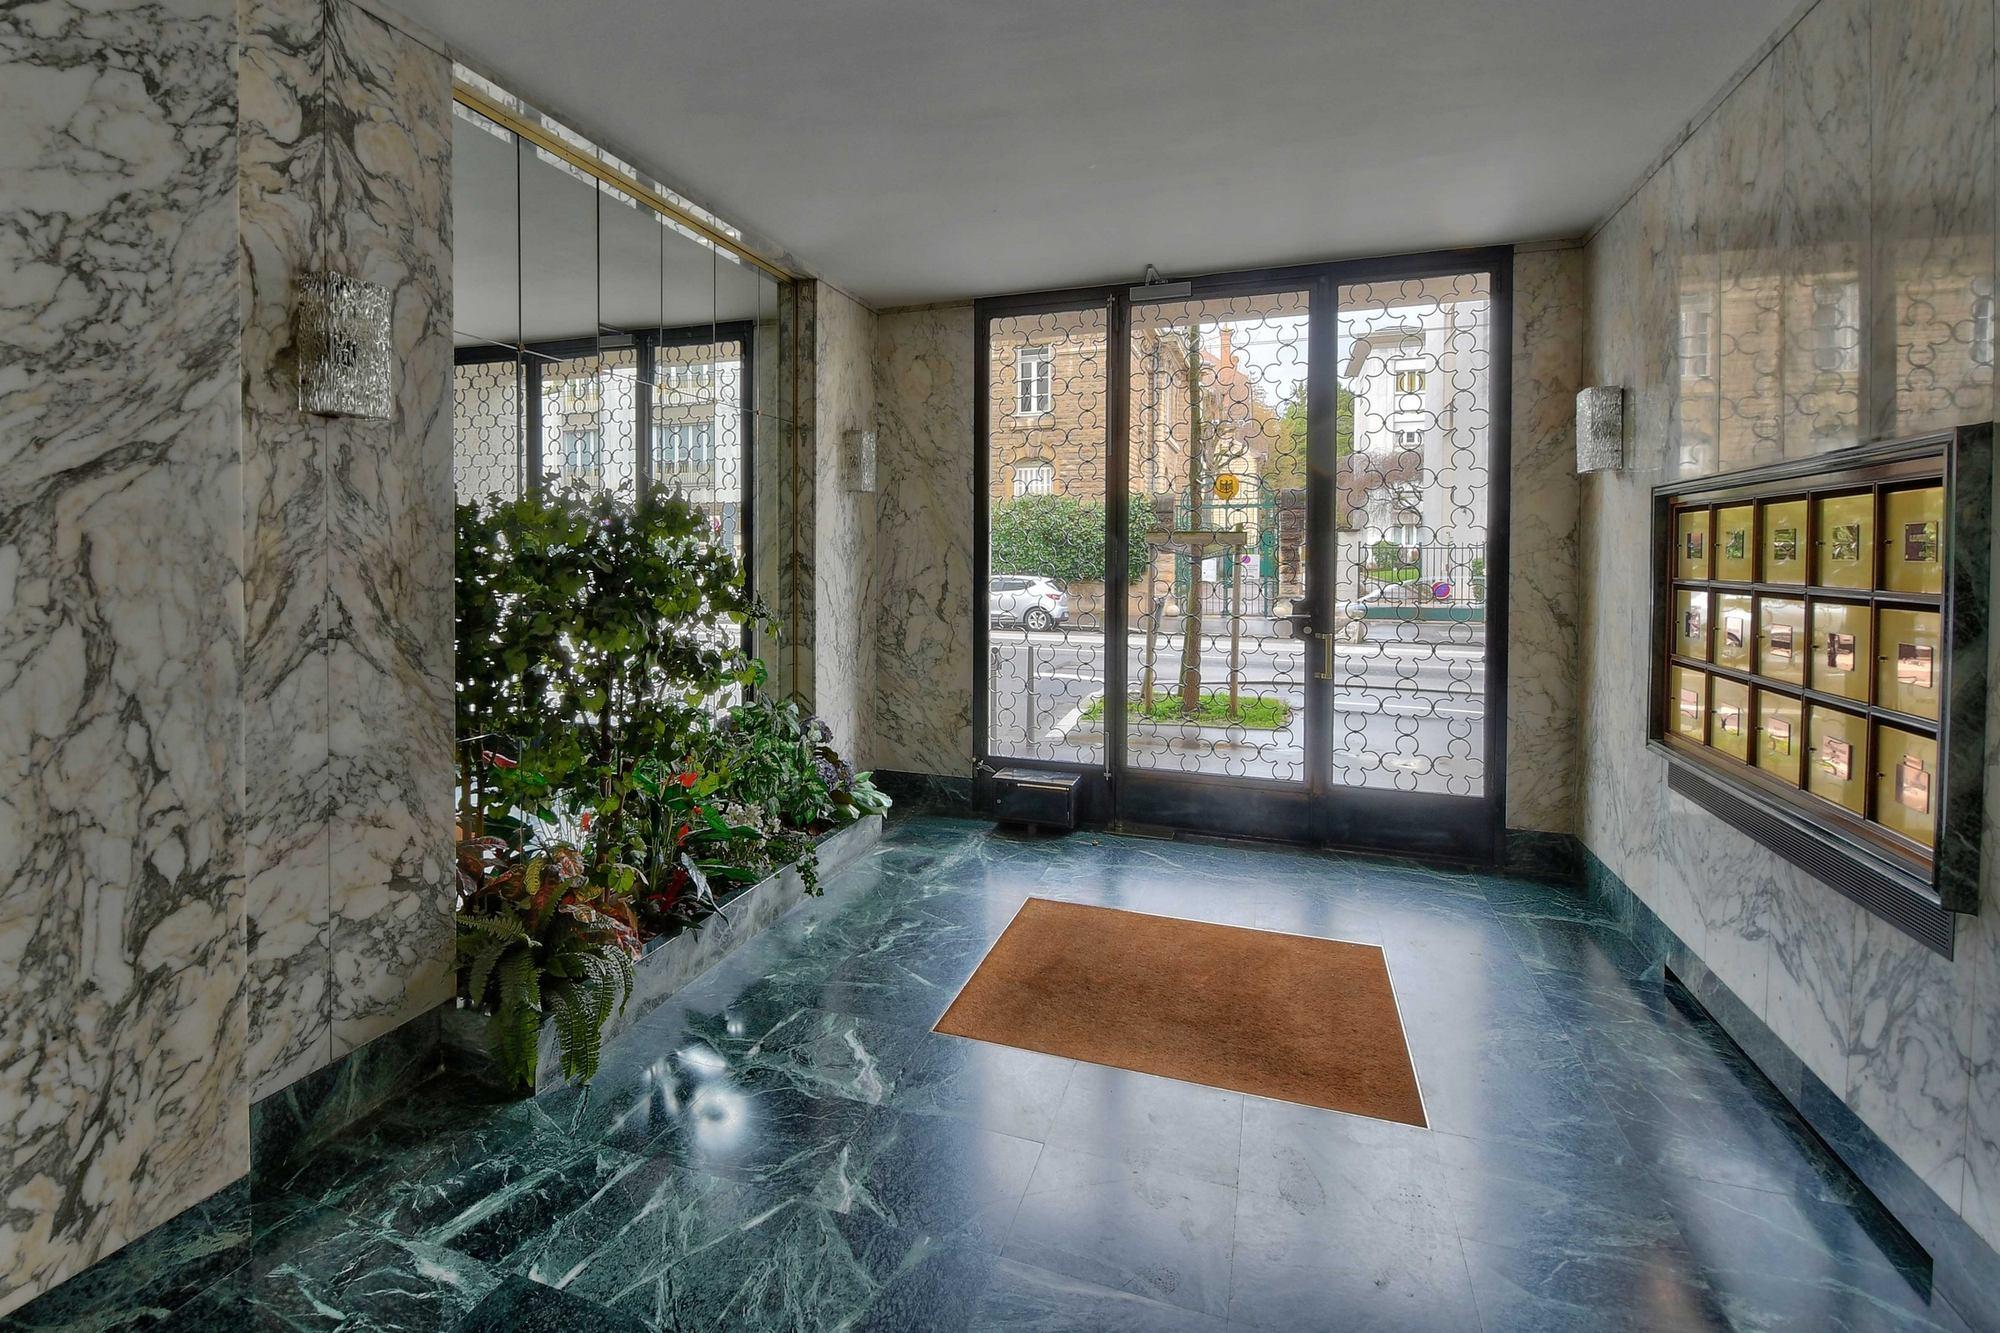 PHOTOS immobilier Appartement hall d'entrée en marbre Lyon 69006 Boulevard des Belges